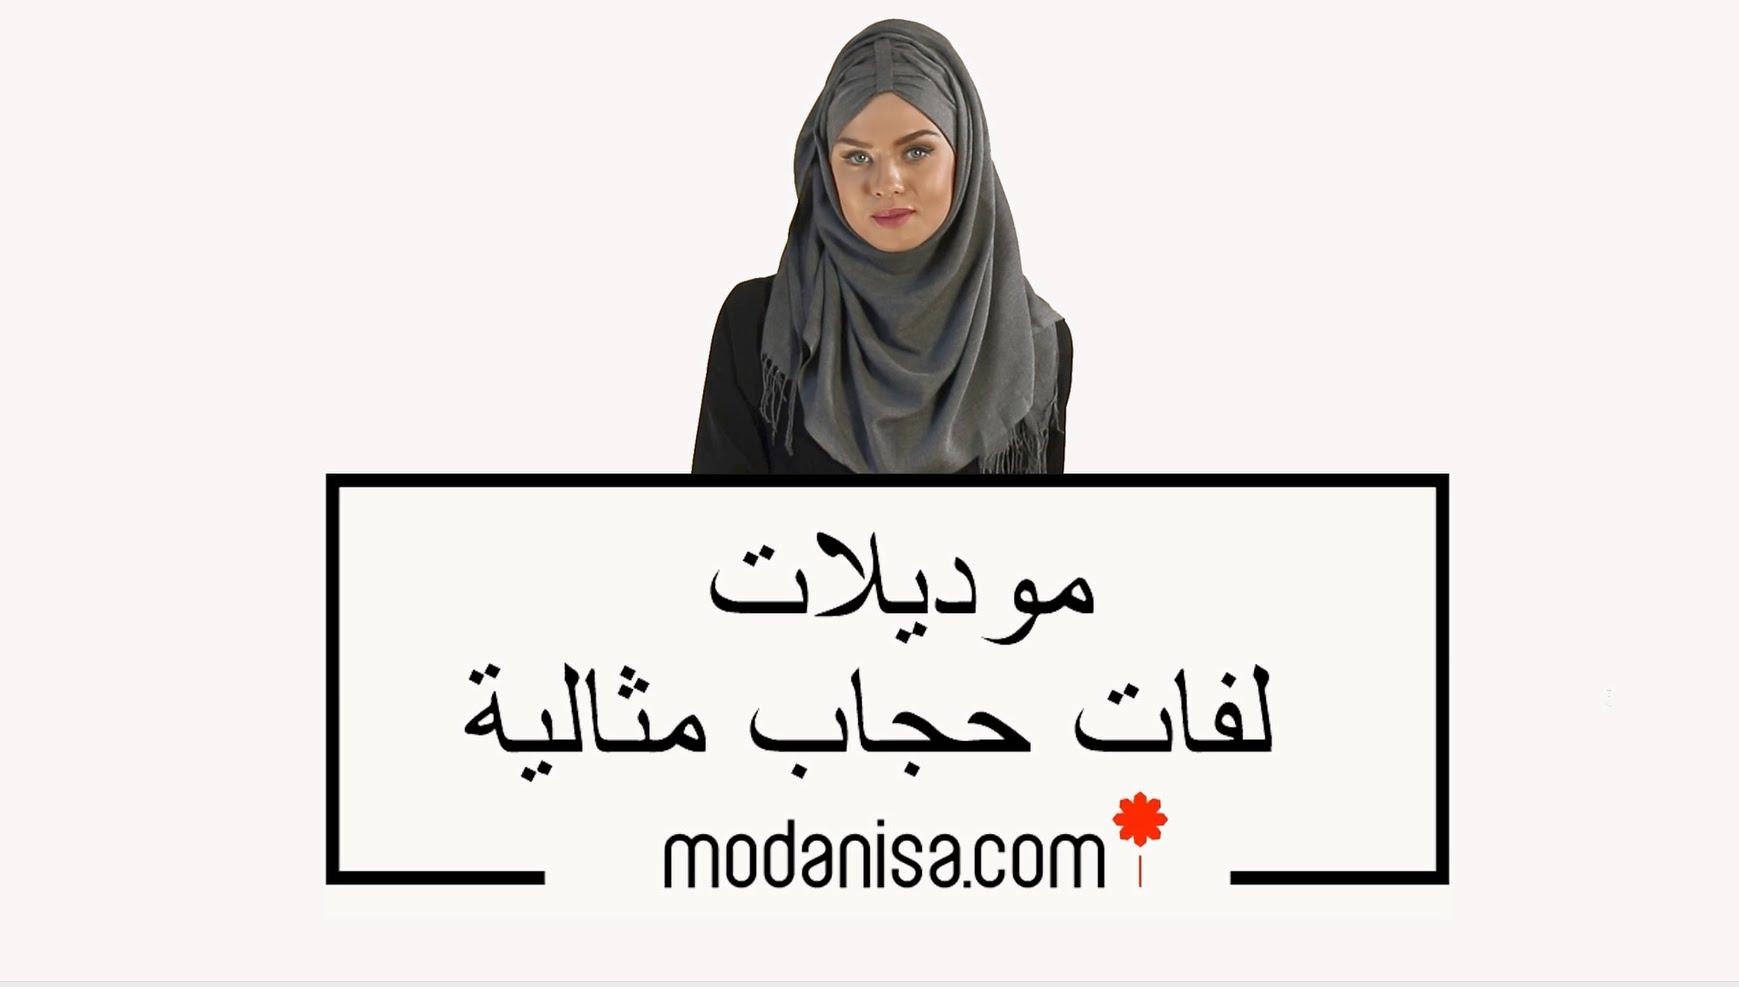 تخفيضات وعروض الجمعة البيضاء 2018 بلاك فرايدى مودانيسا Modanisa التركى لملابس المحجبات